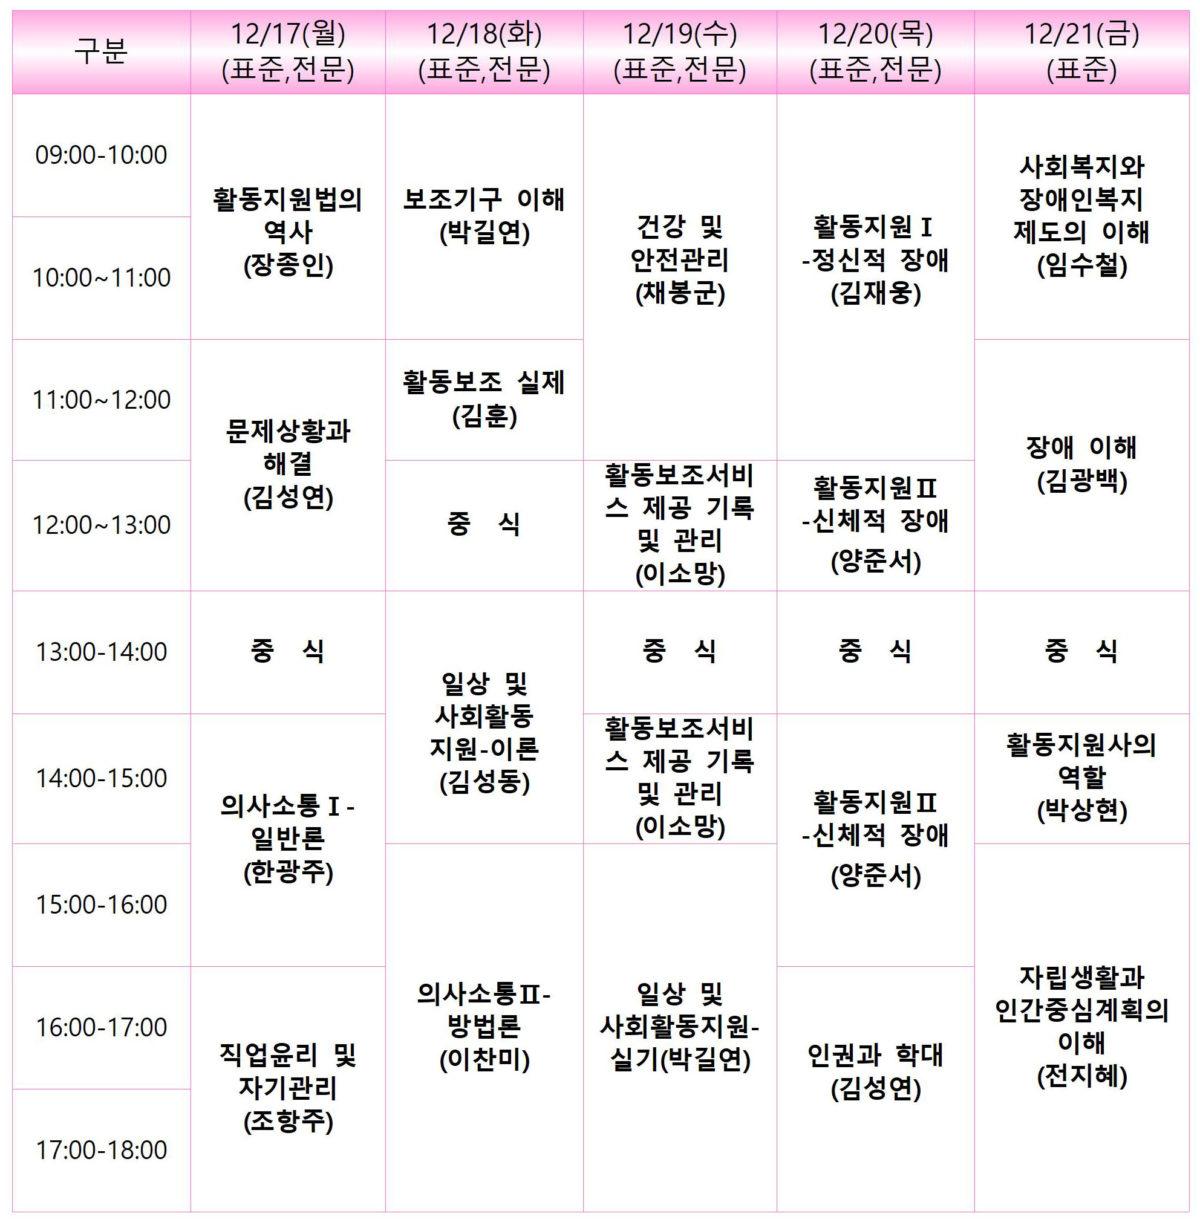 2018년 표준·전문 6차 활동지원사 강의시간표